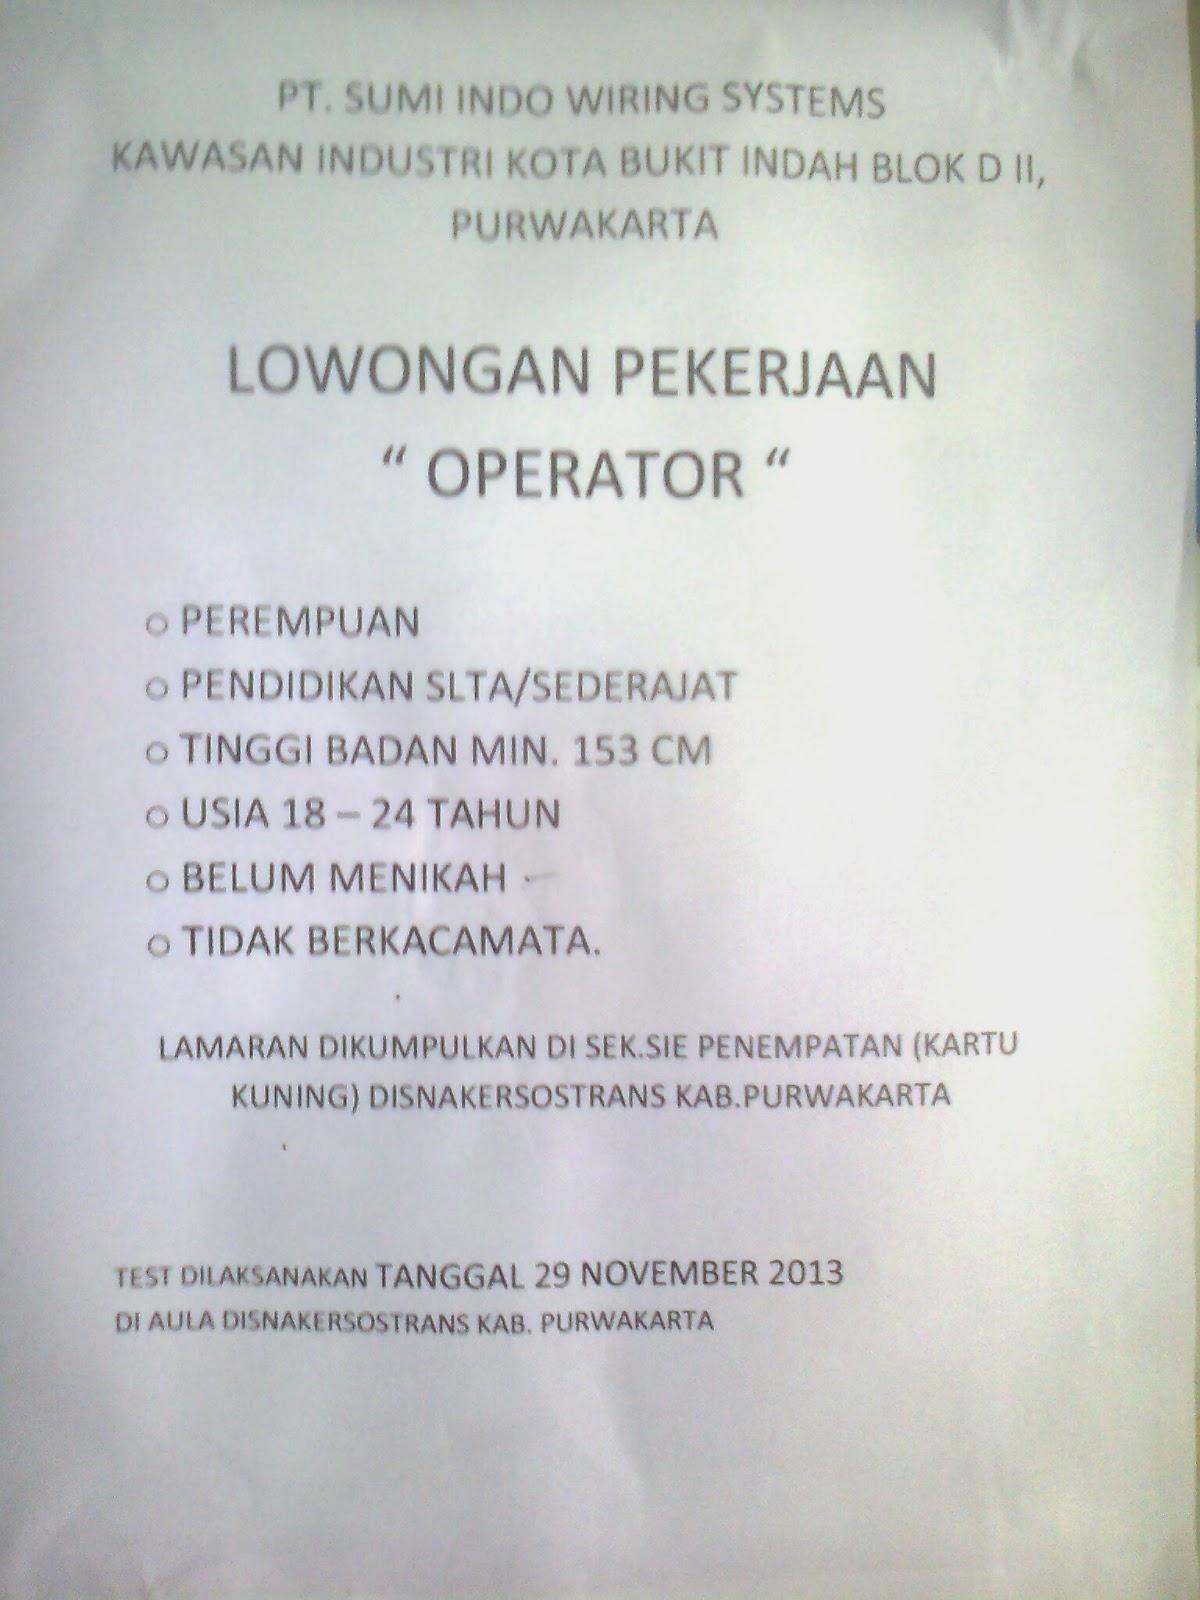 Lowongan Pekerjaan Perusahaan Asing Lowongan Kerja Terbaru Di Medan Tahun 2016 Lowongan Kerja Perusahaan Asing November 2013 Lokerz